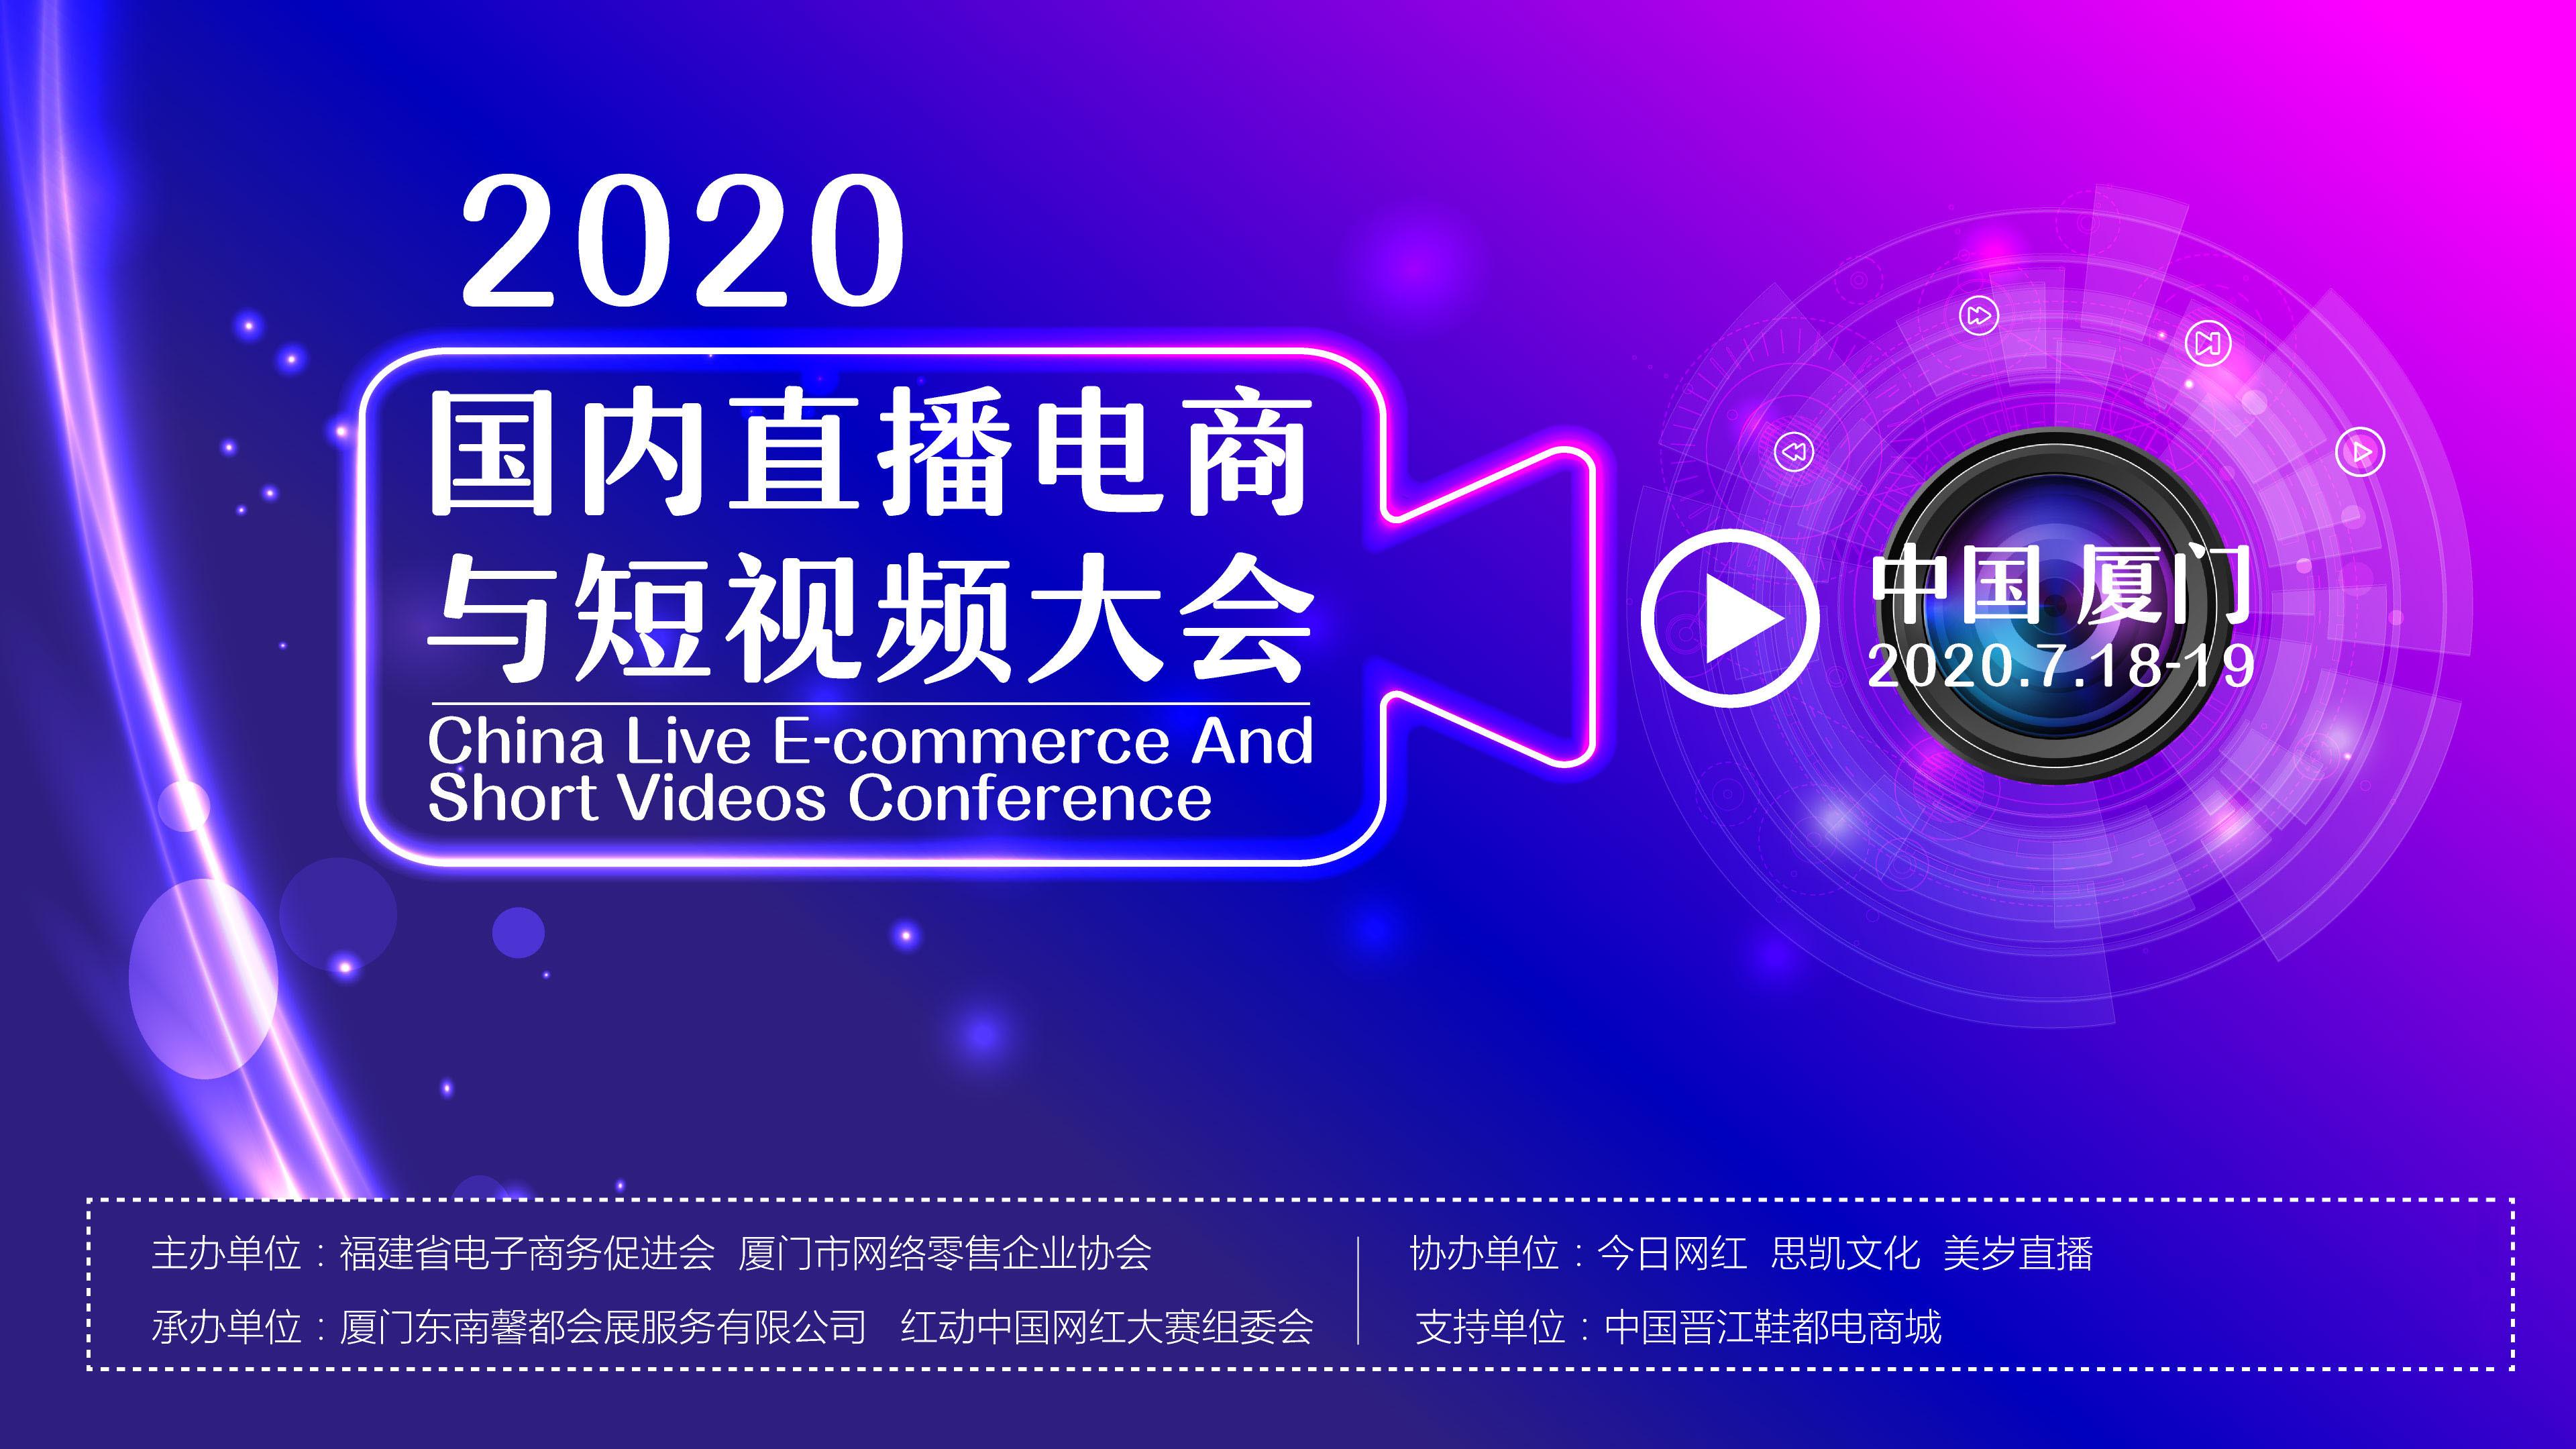 2020國內直播電商與短視頻大會